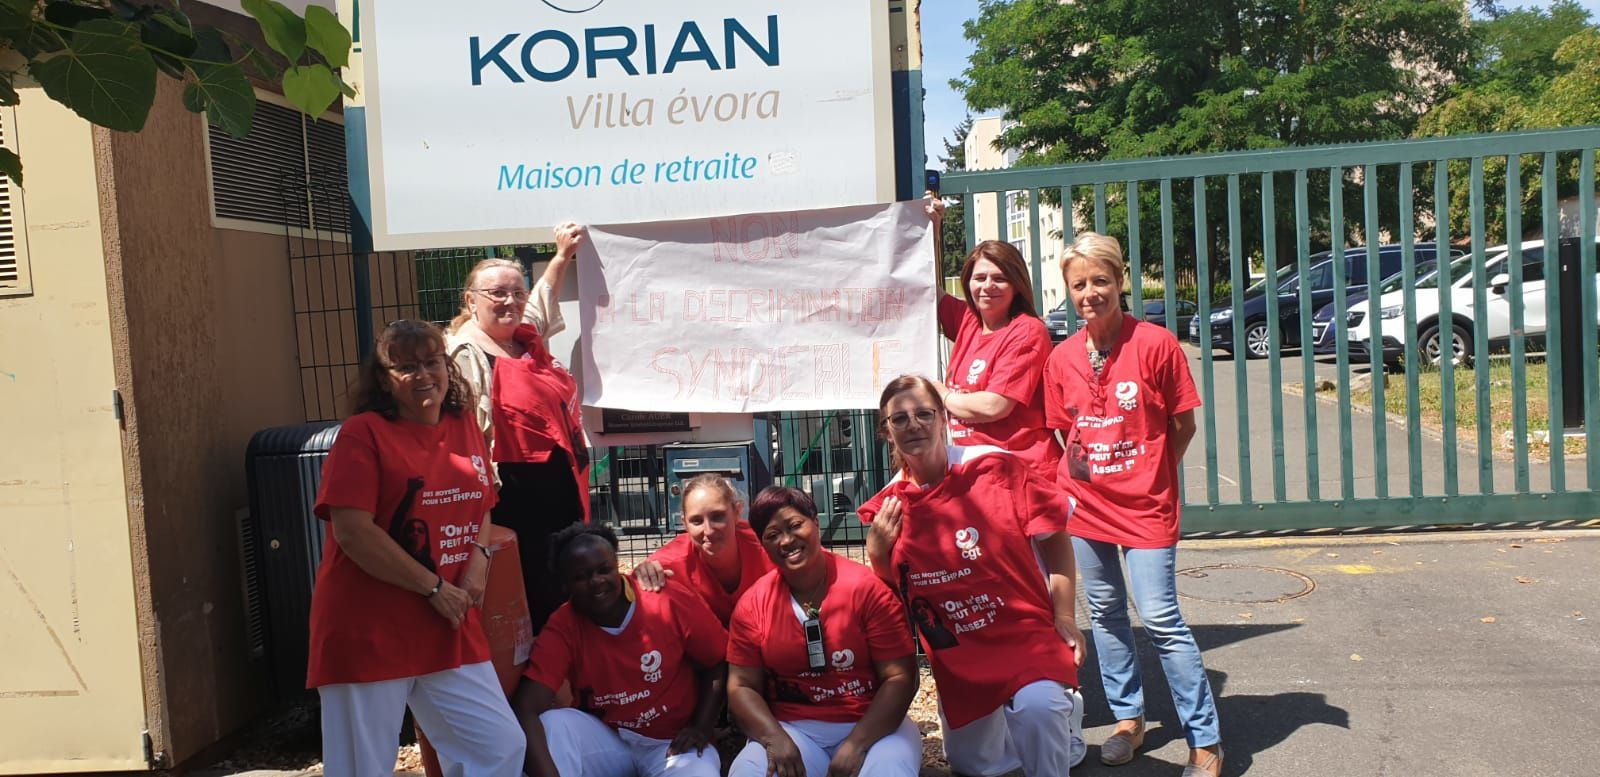 Mobilisation du 9 juillet de la cgt Korian contre les discriminations syndicales de nos militant.es.